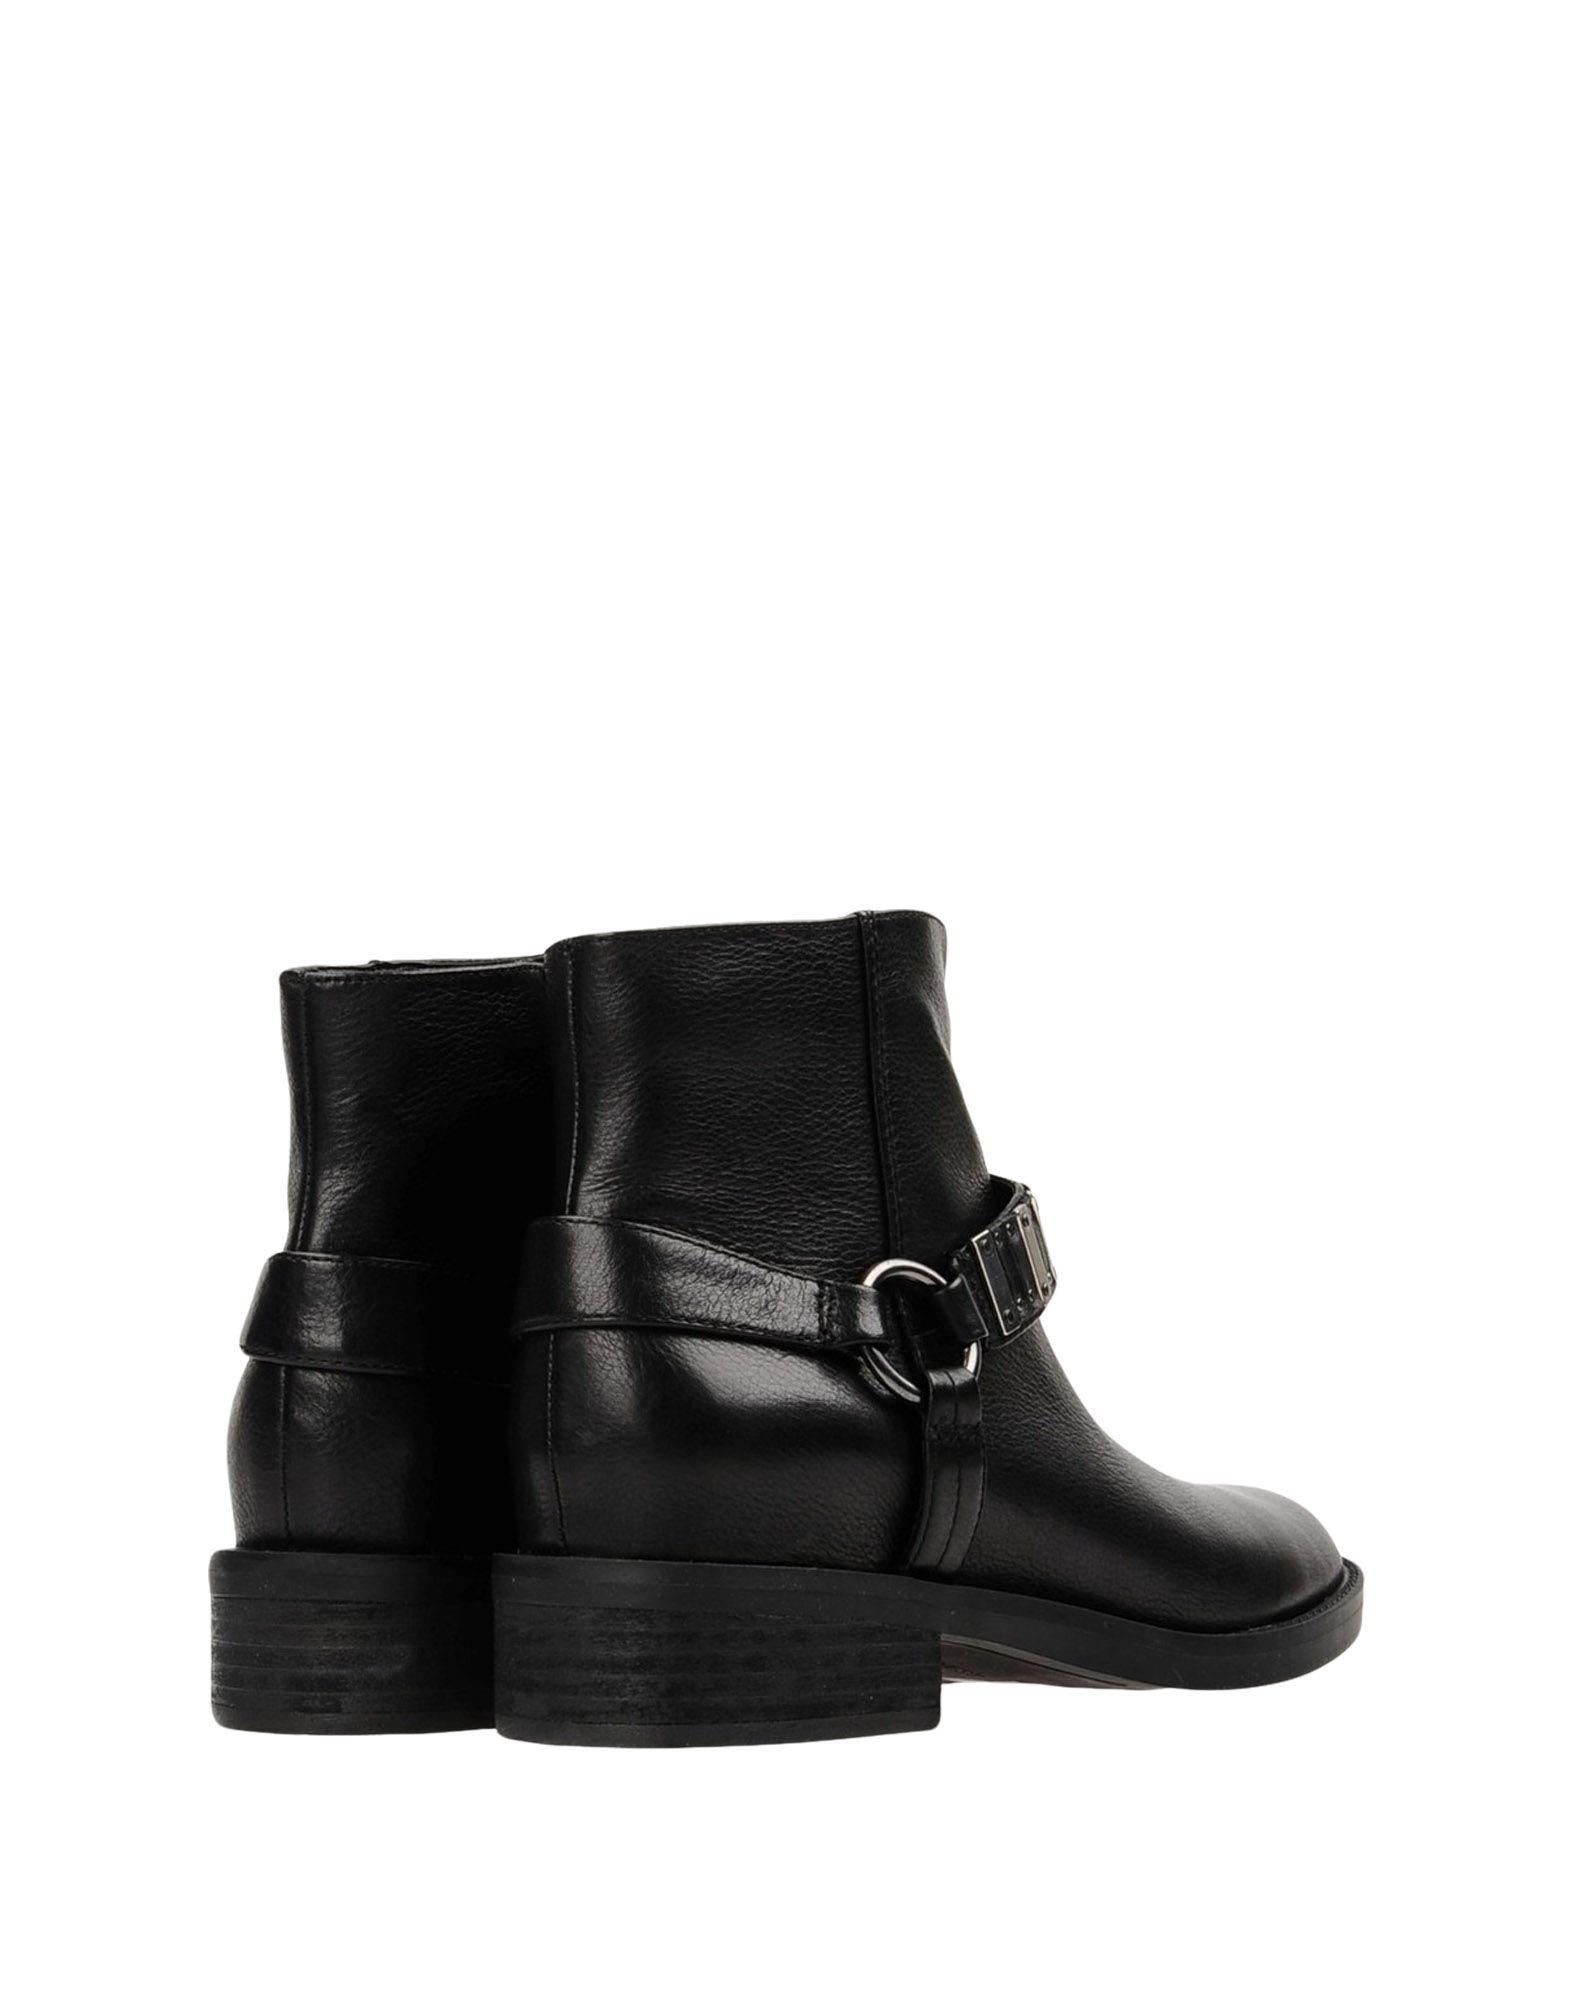 Nine West Stiefelette Qualität Damen  11393900AS Gute Qualität Stiefelette beliebte Schuhe df5cc8